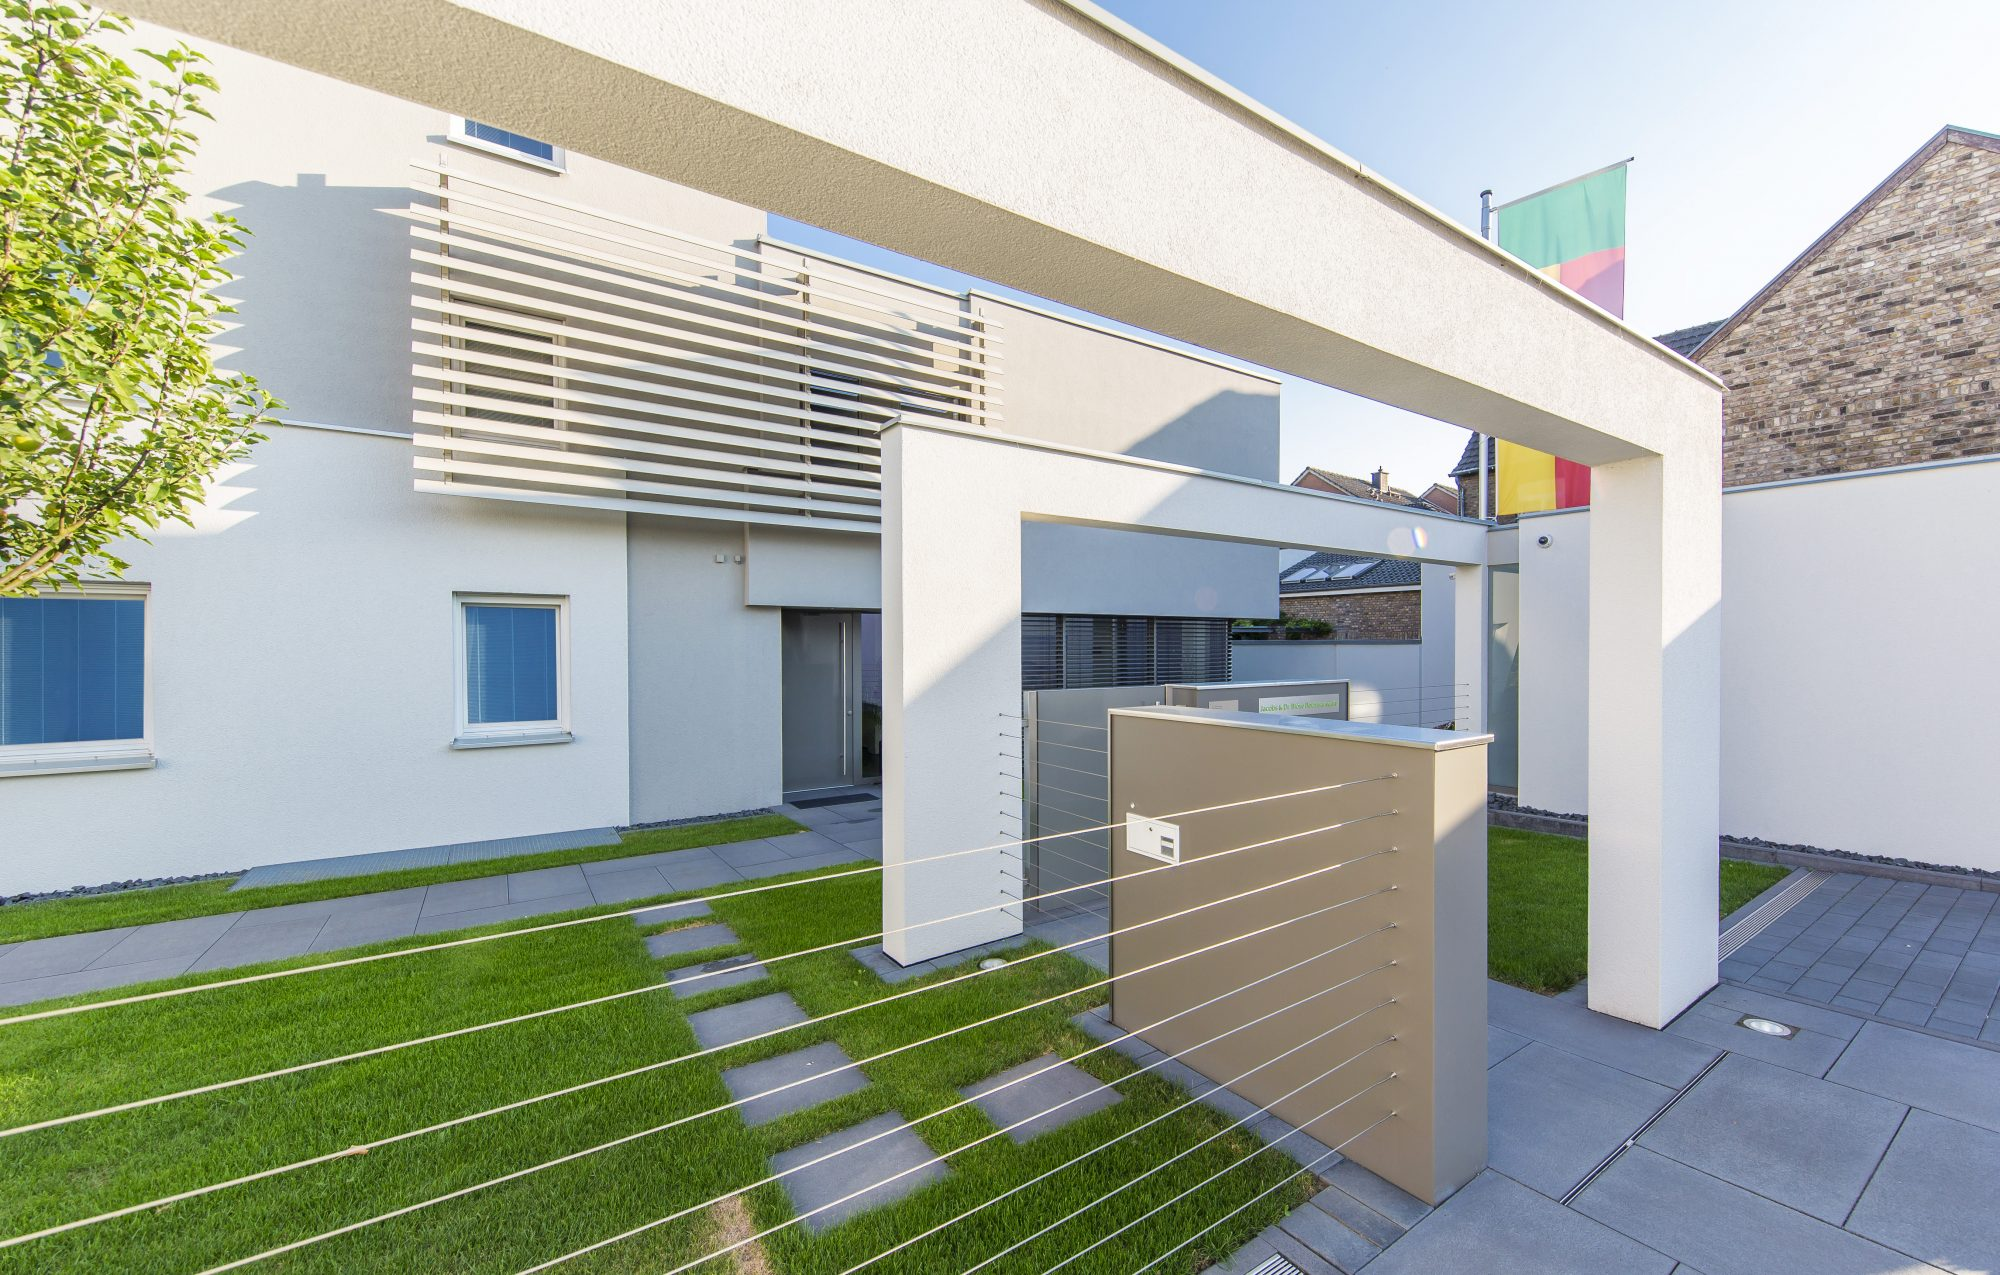 Reuschenbach Architektur